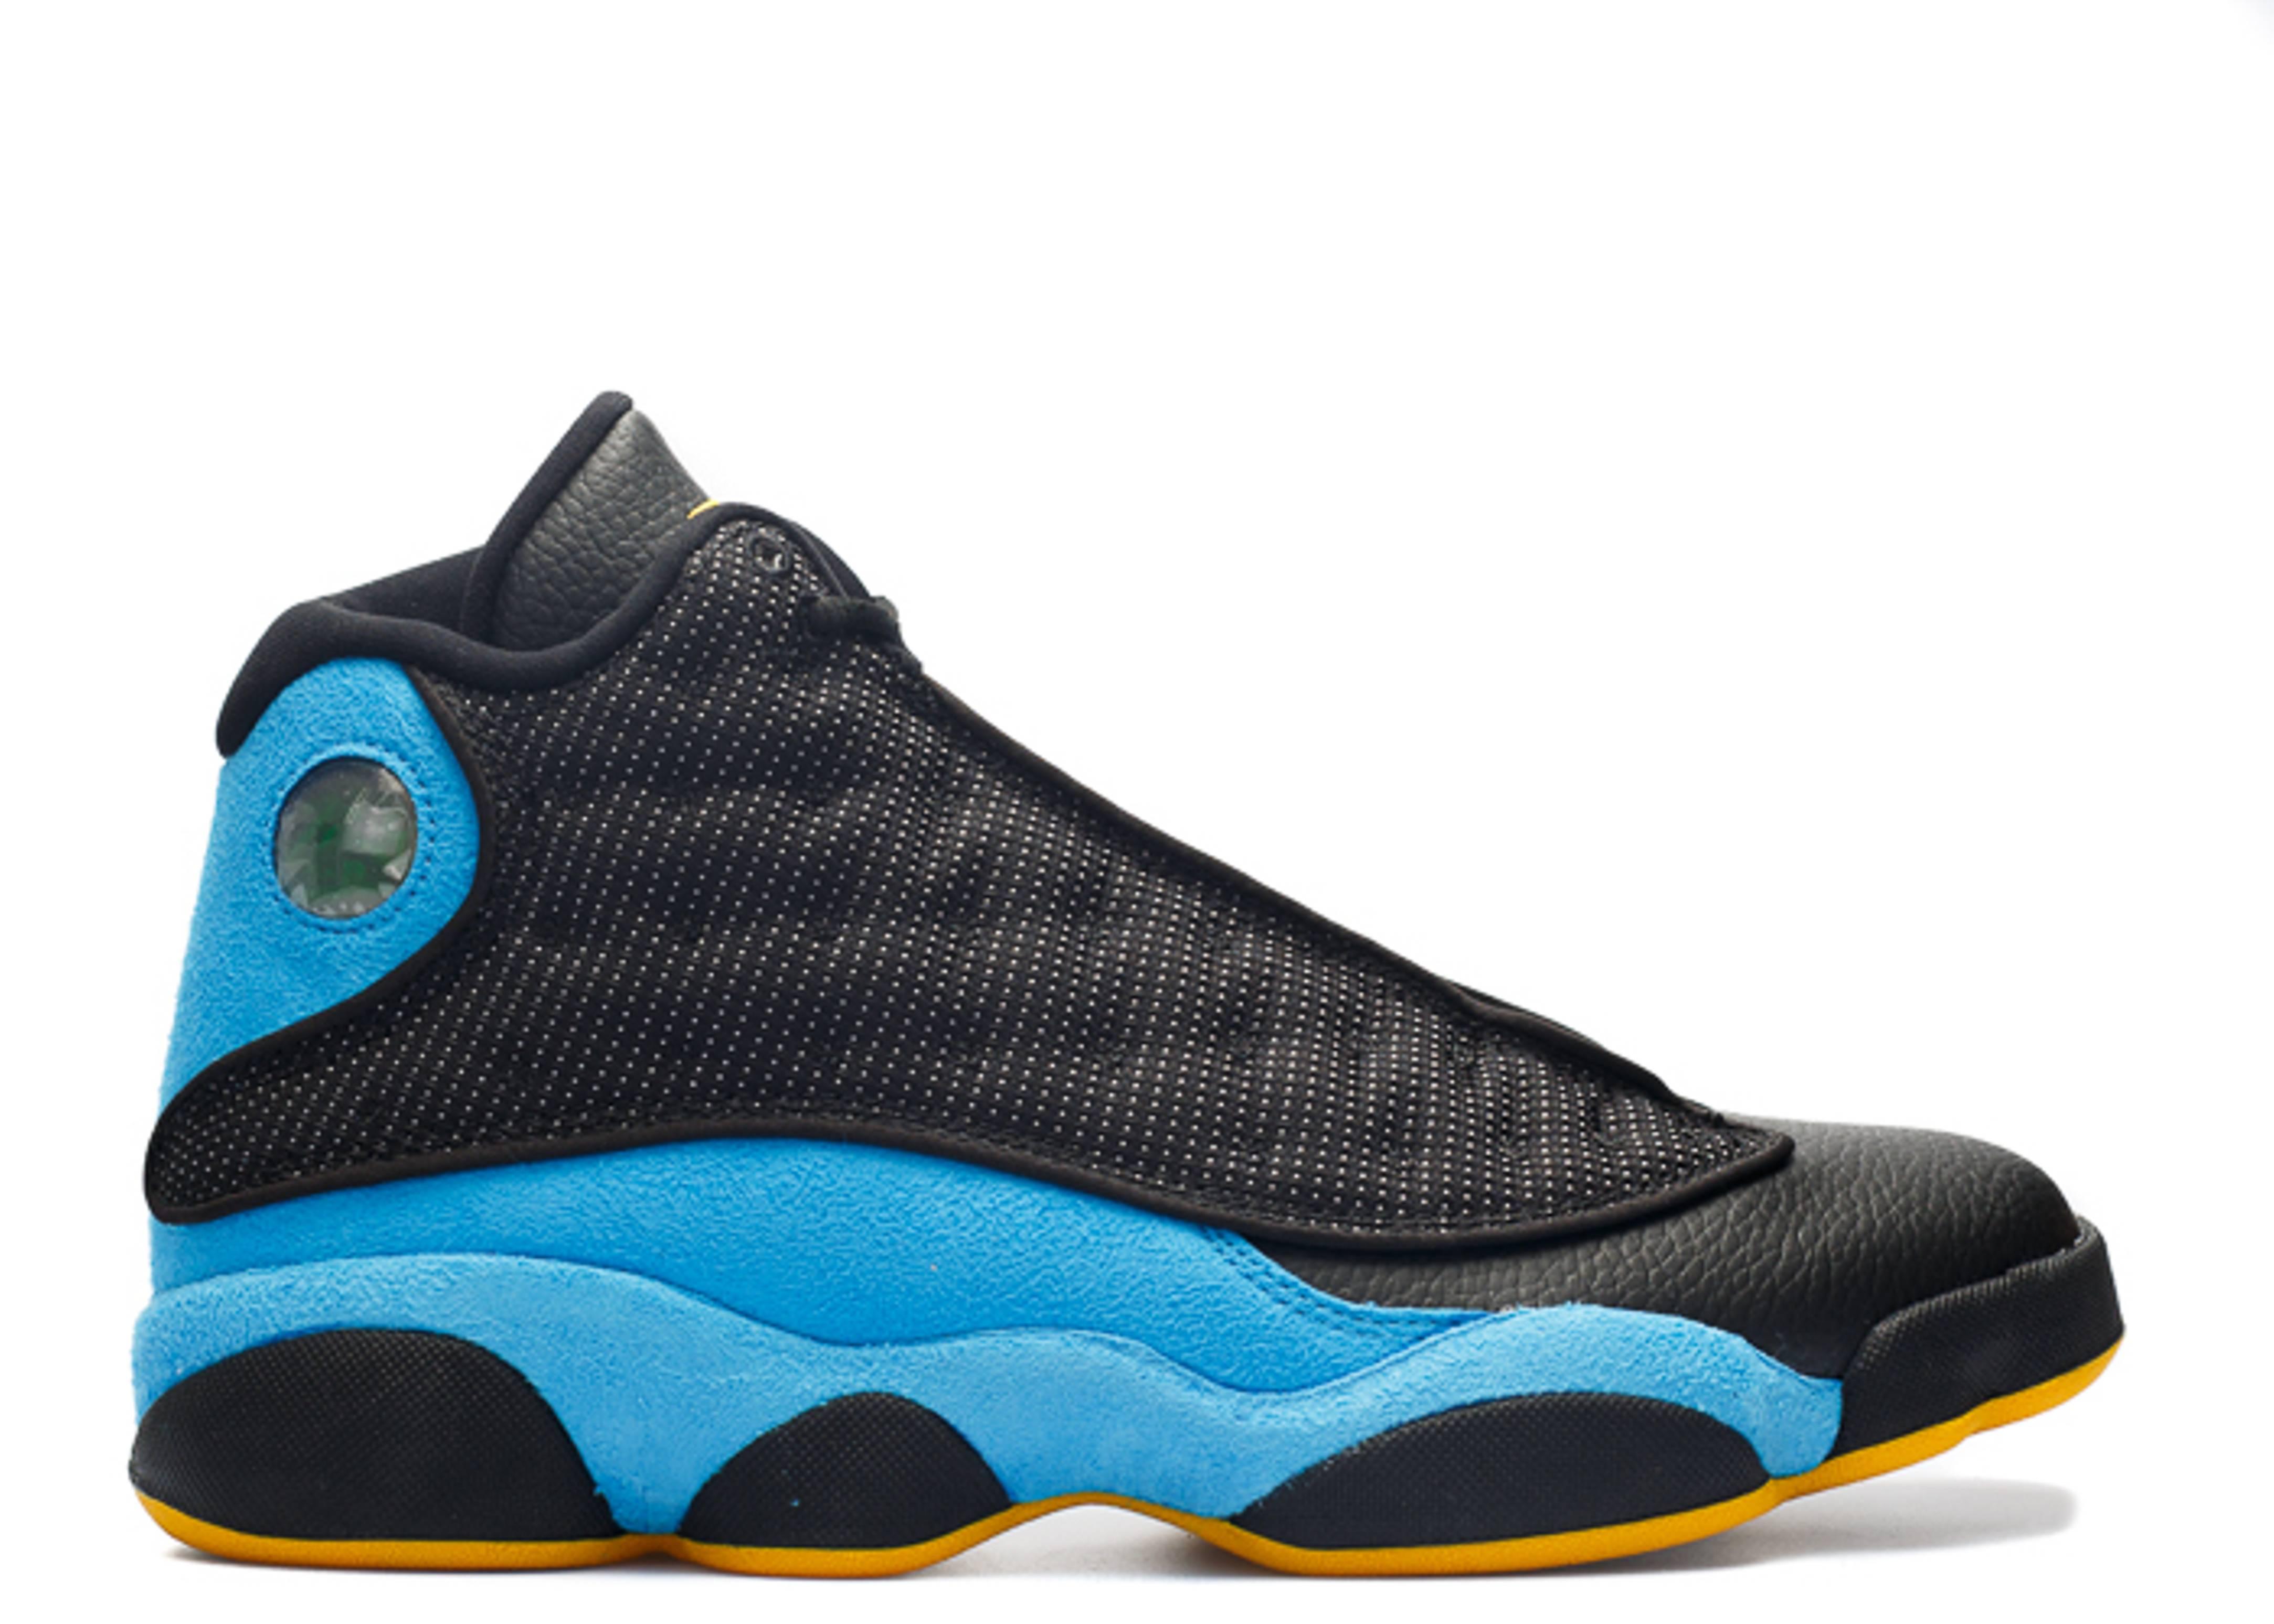 Air Jordan 13 Blue And Black